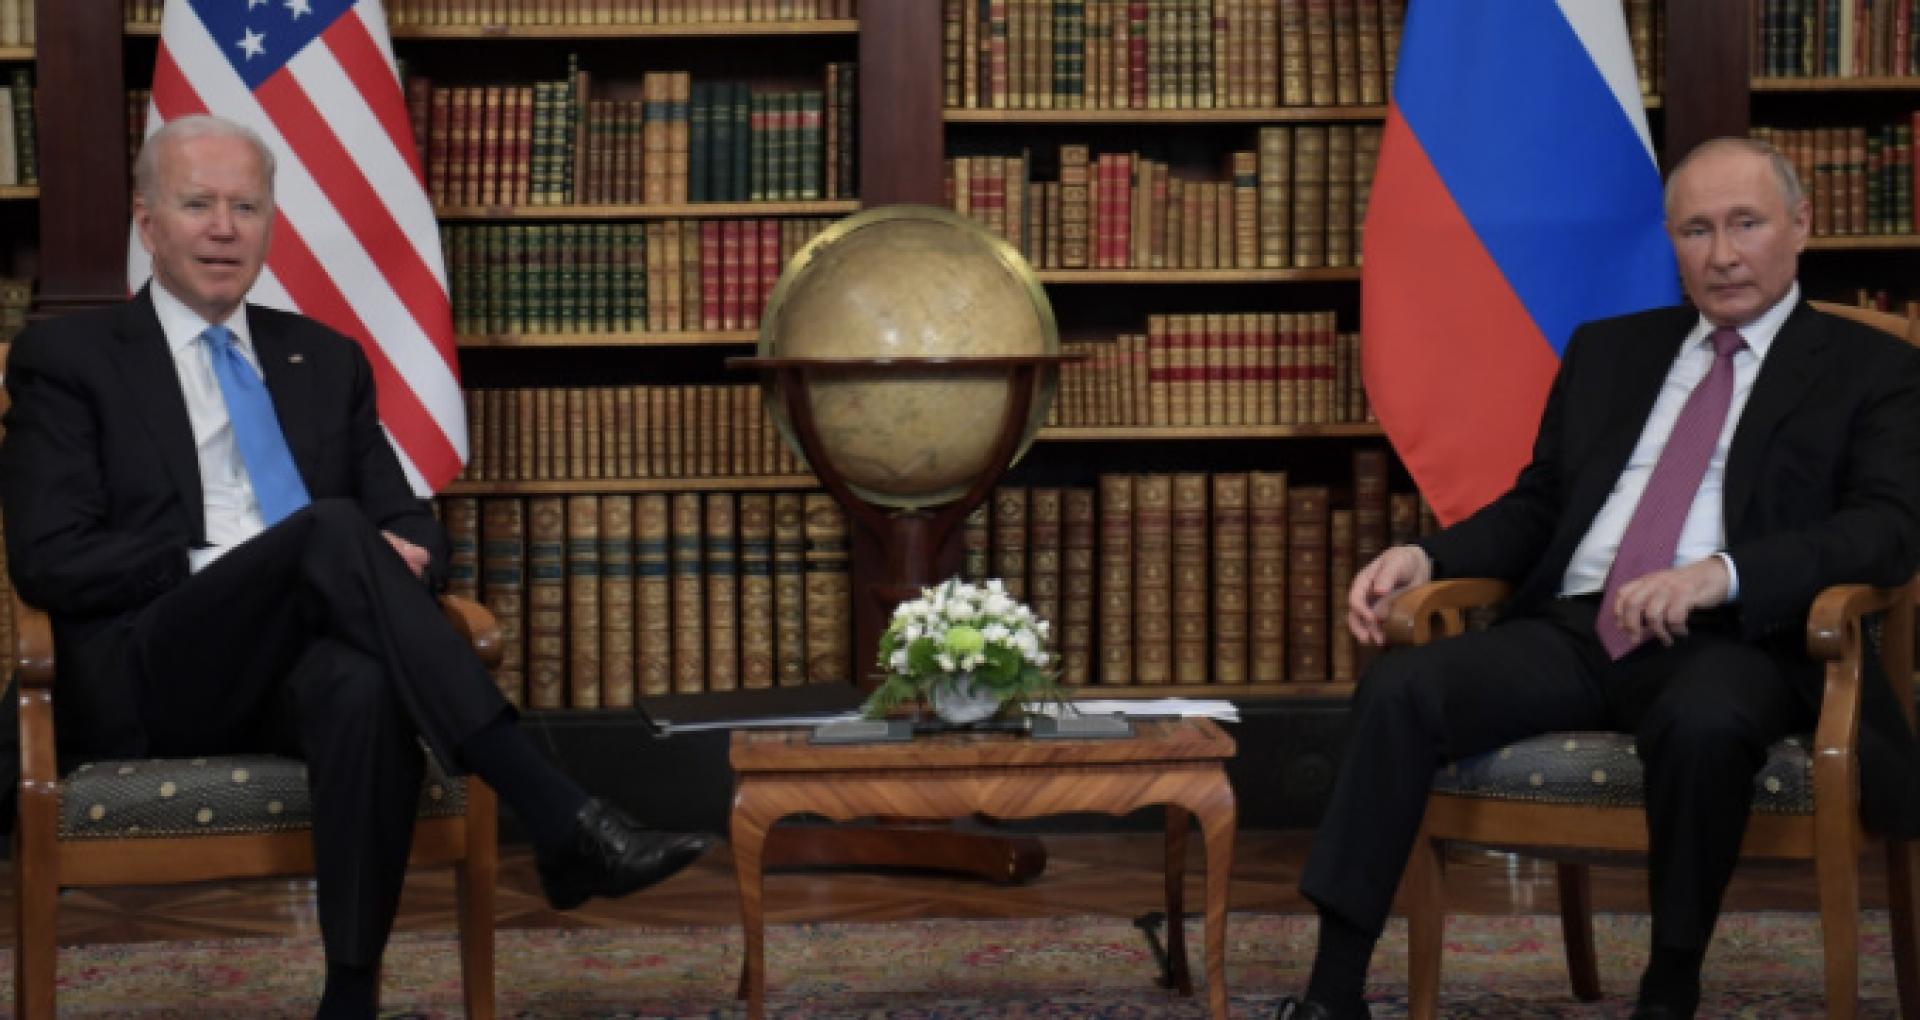 VIDEO/ Prima întâlnire oficială între Putin și Biden, la Geneva: Negocierile s-au desfășurat cu ușile închise